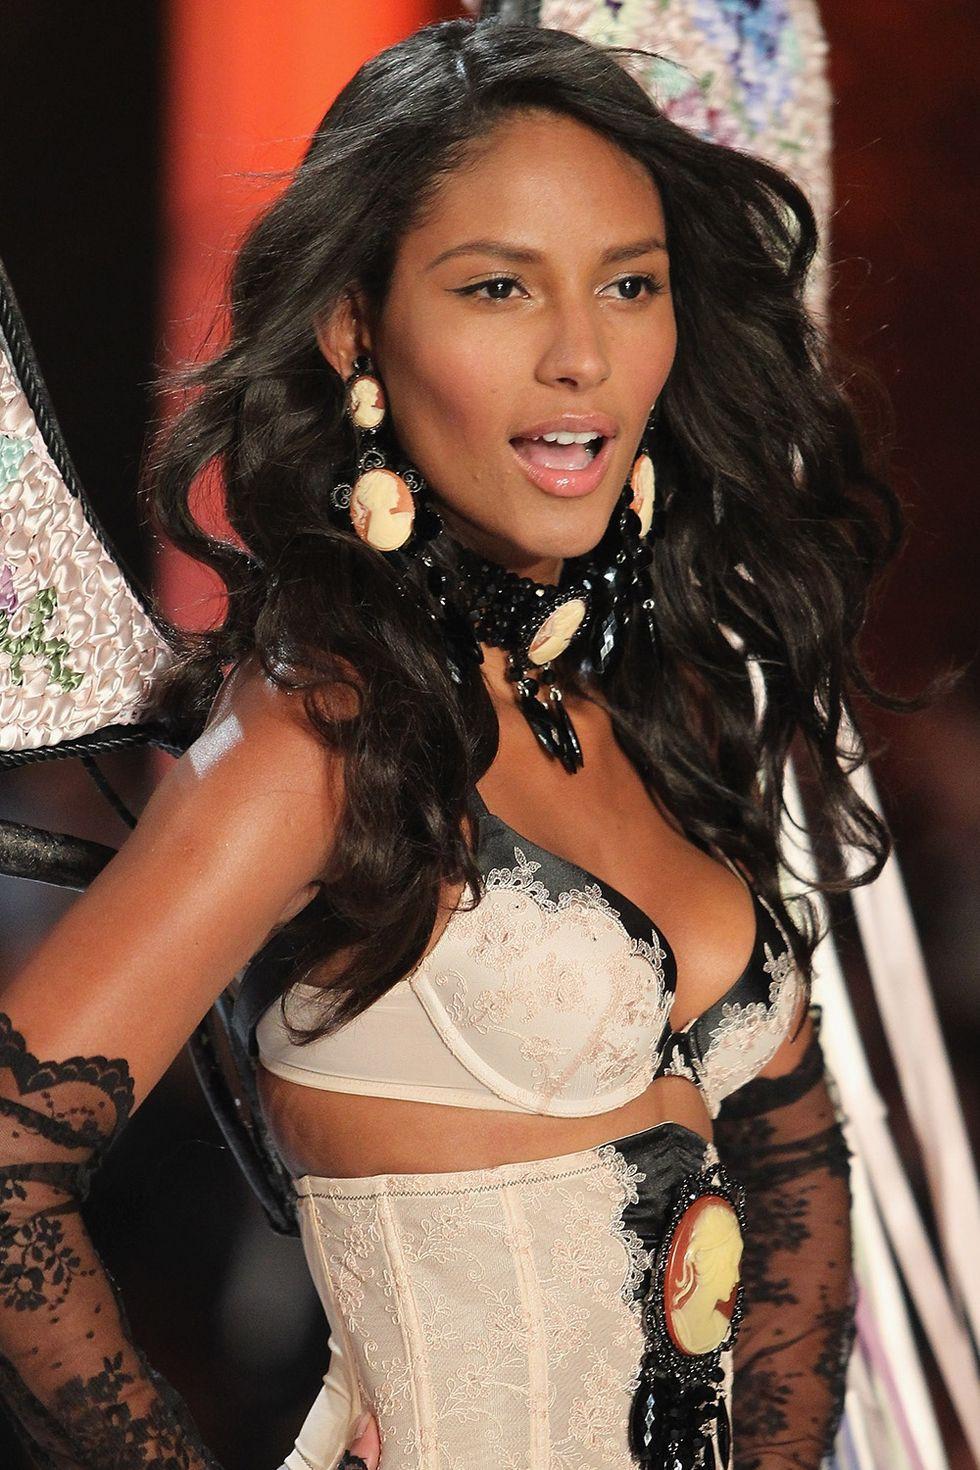 Cách makeup của thiên thần Victorias Secret 2 thập kỷ qua: luôn đơn giản, tự nhiên nhưng sexy đến tột cùng - Ảnh 14.